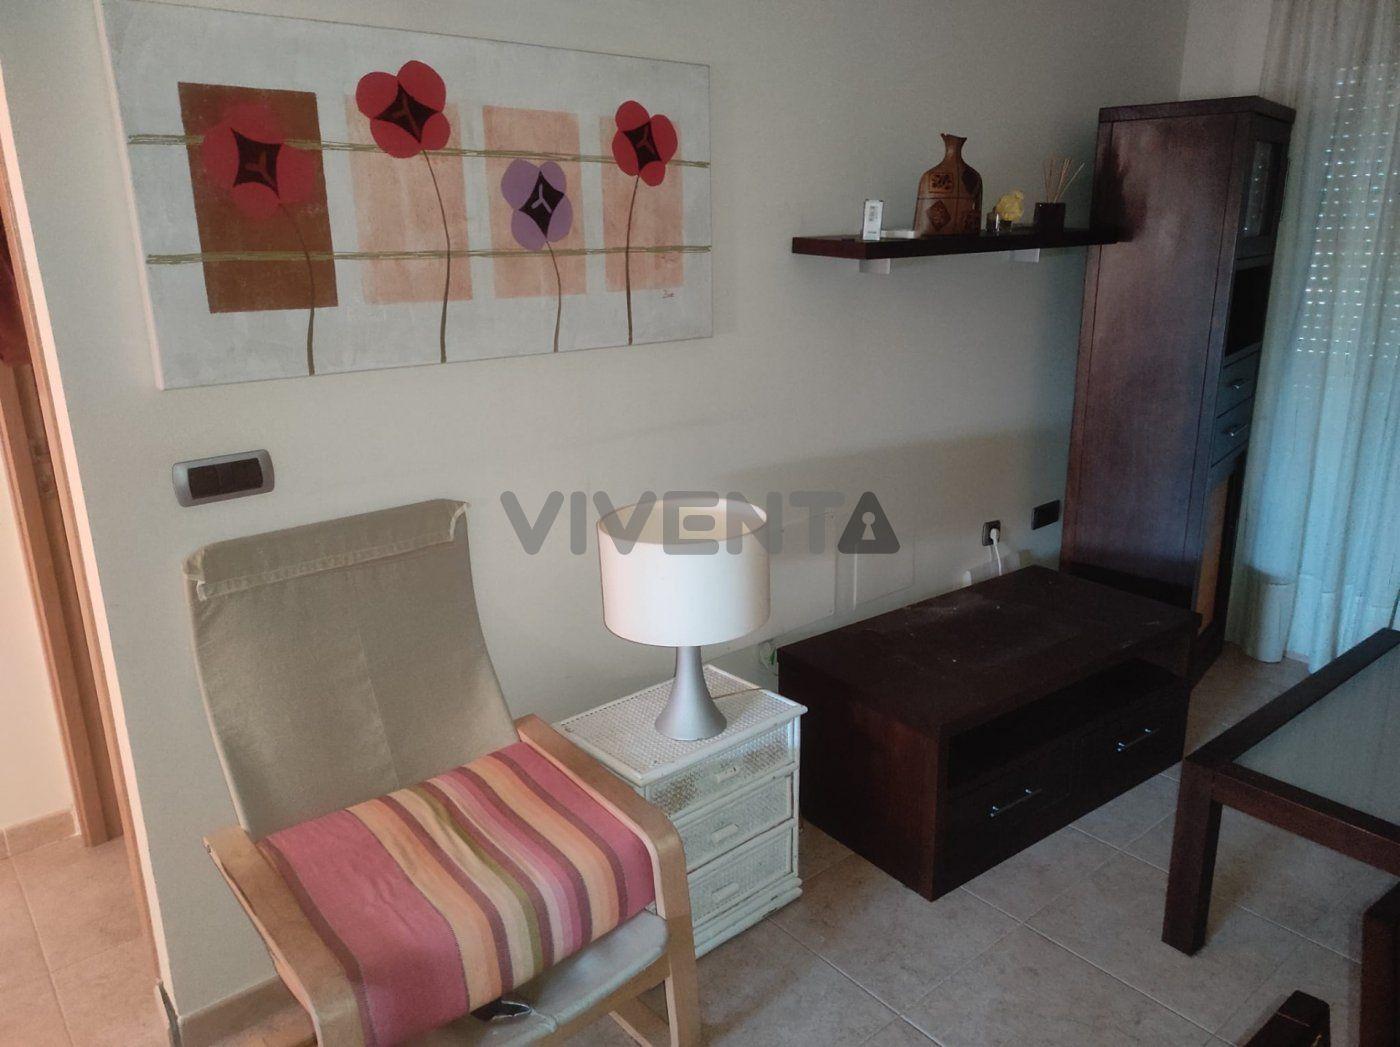 Apartamento · La Manga Del Mar Menor · Zona Urbanización Veneziola Golf 68.500€€